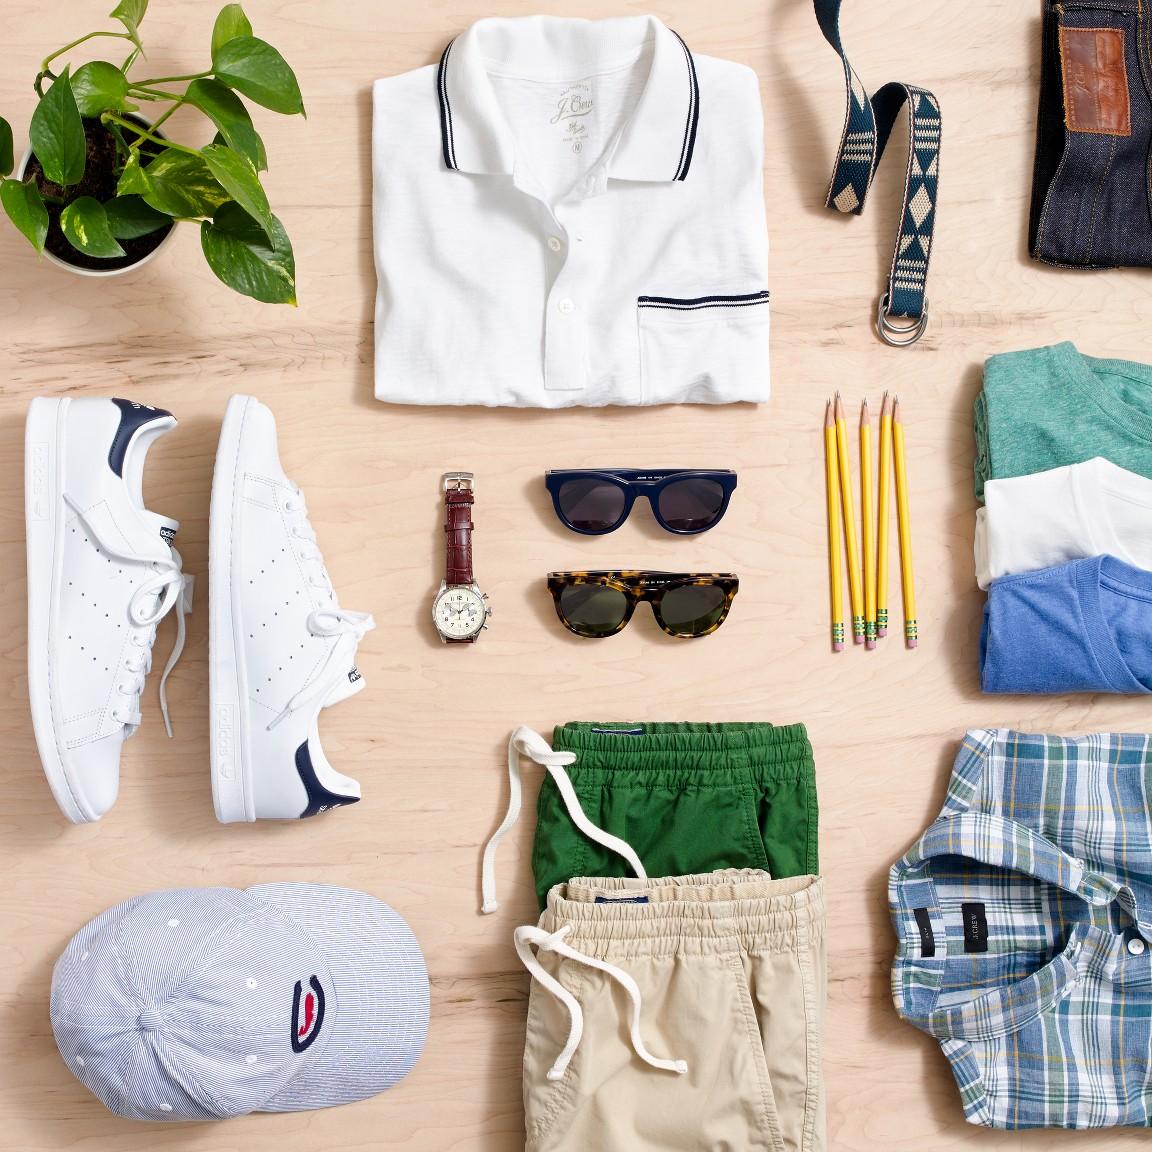 Online Clothing Sites For Men